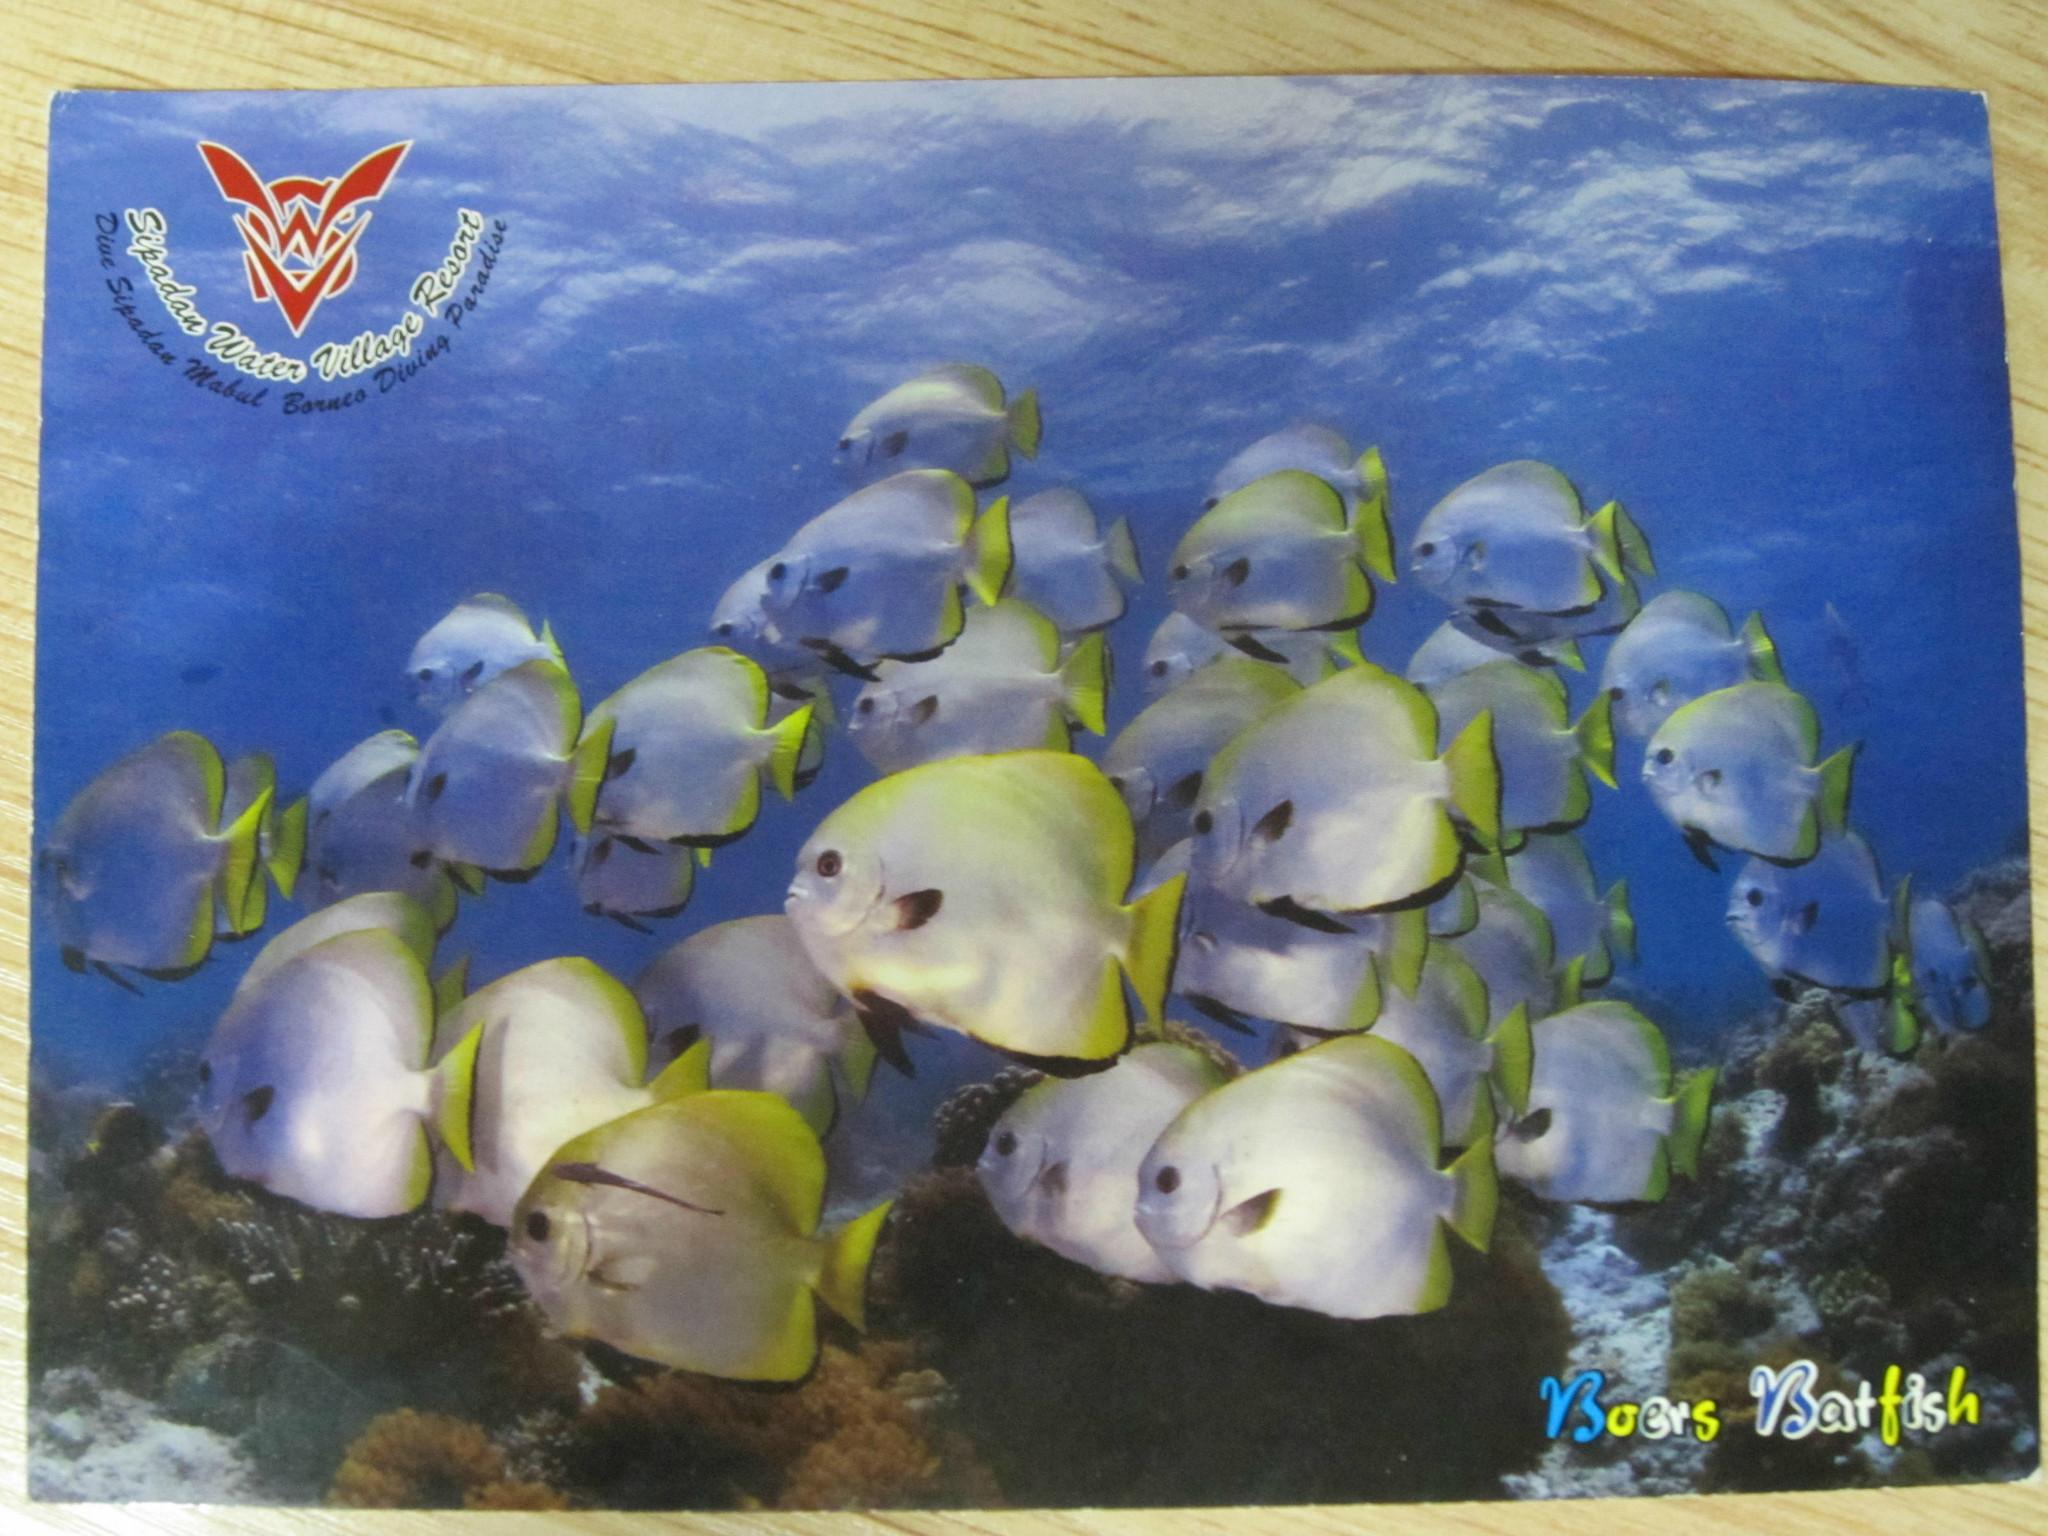 壁纸 海底 海底世界 海洋馆 水族馆 油画 2048_1536